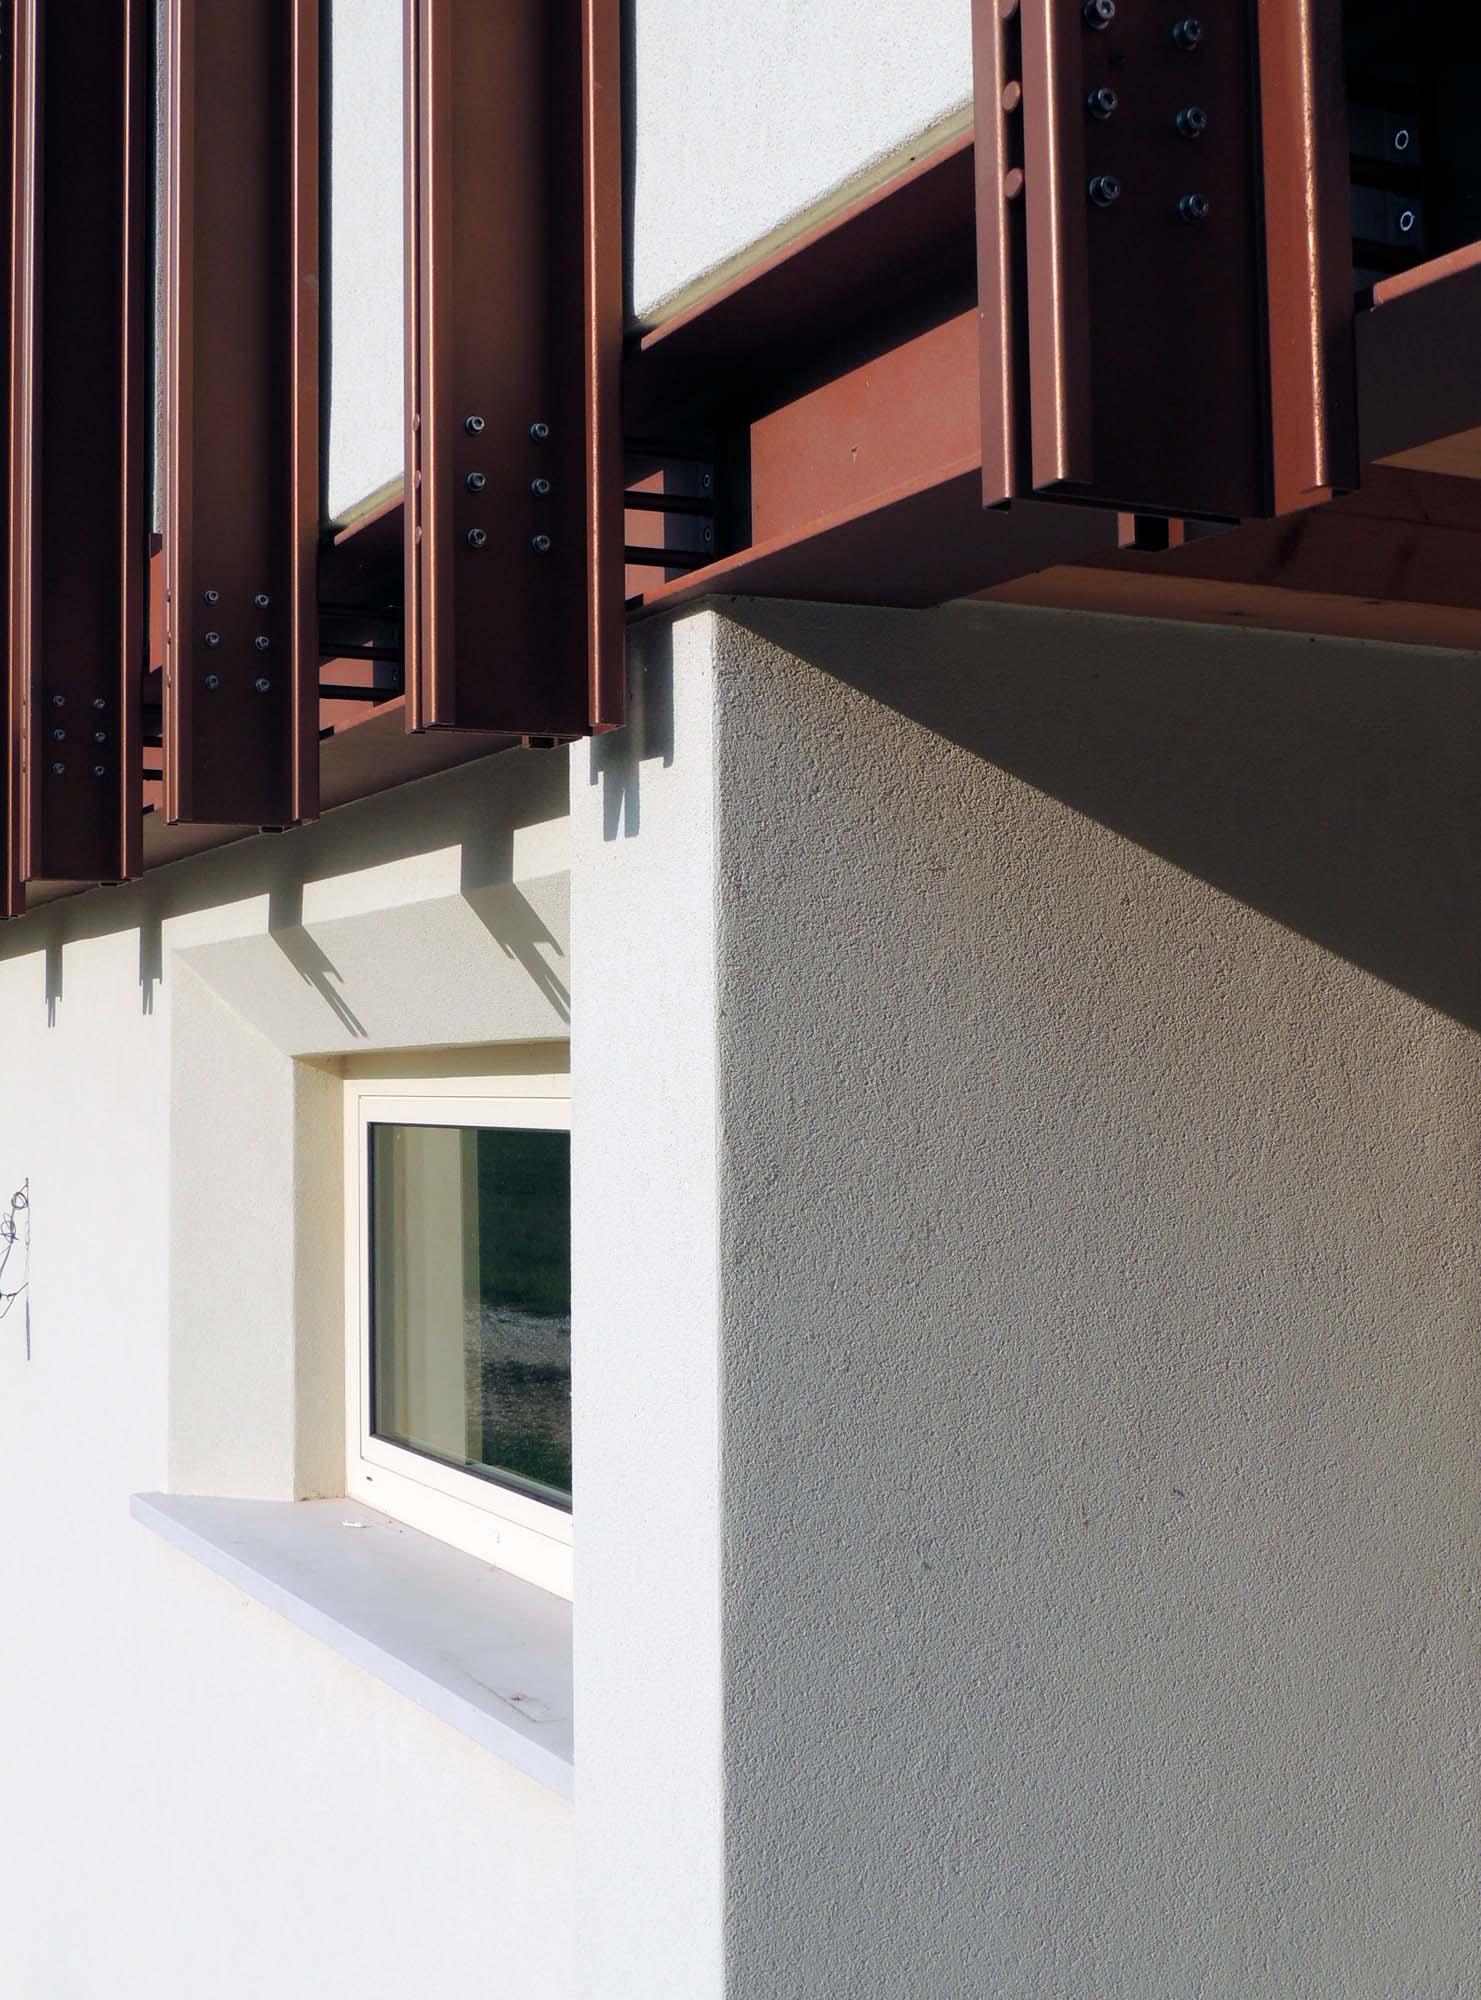 Bruno Stocco Architetto: GaMa House in Santa Giustina in Colle